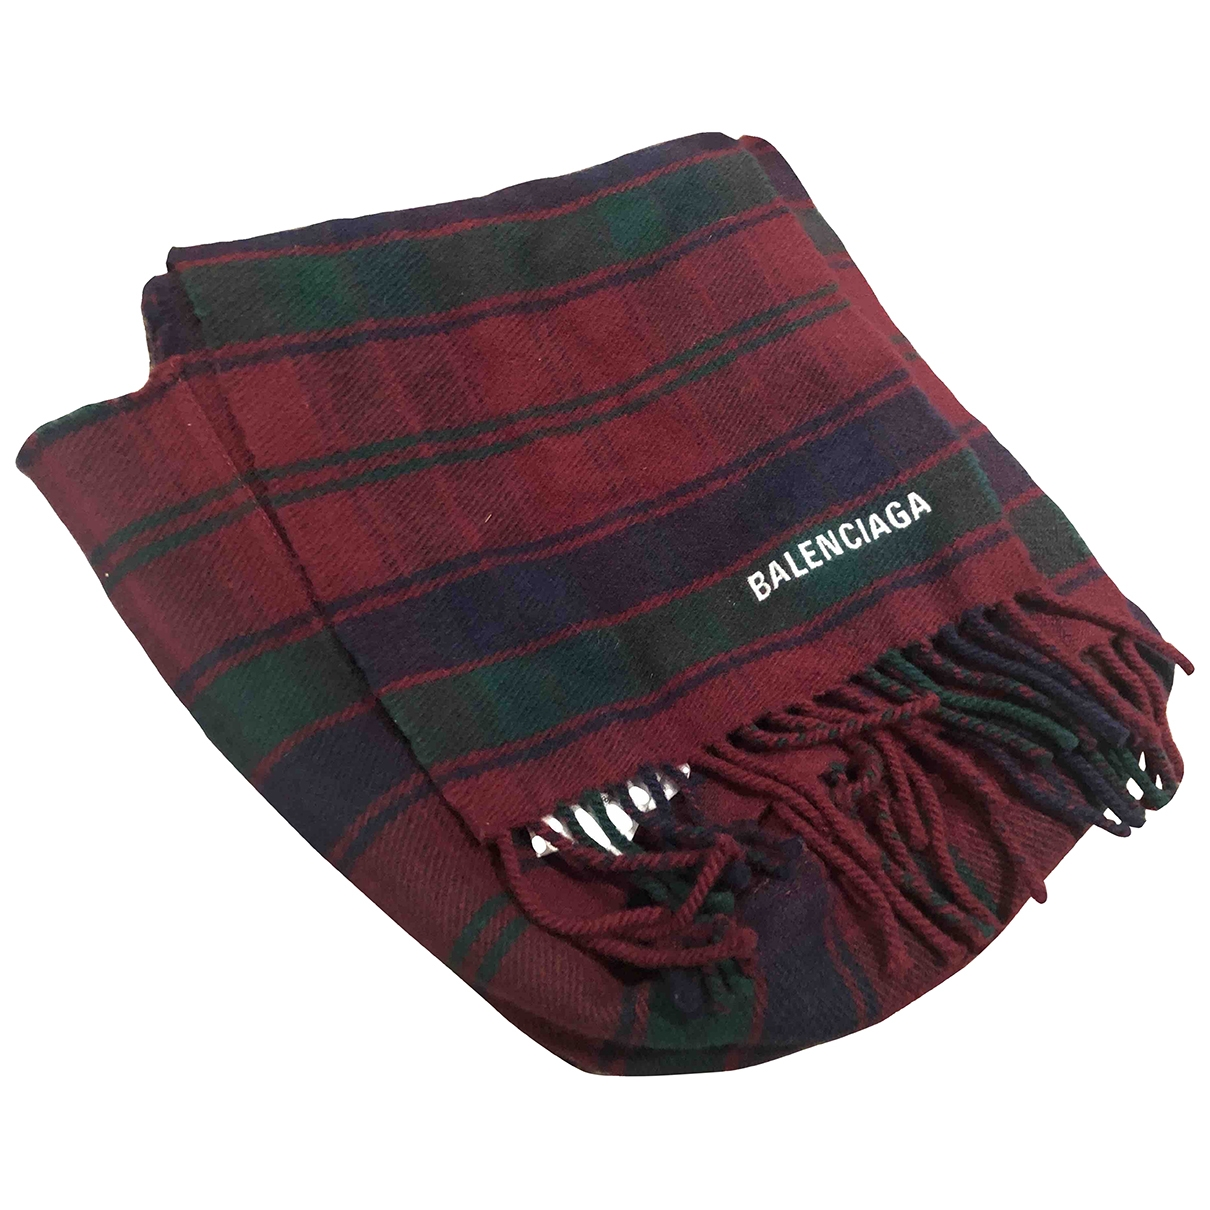 Balenciaga - Cheches.Echarpes   pour homme en laine - multicolore